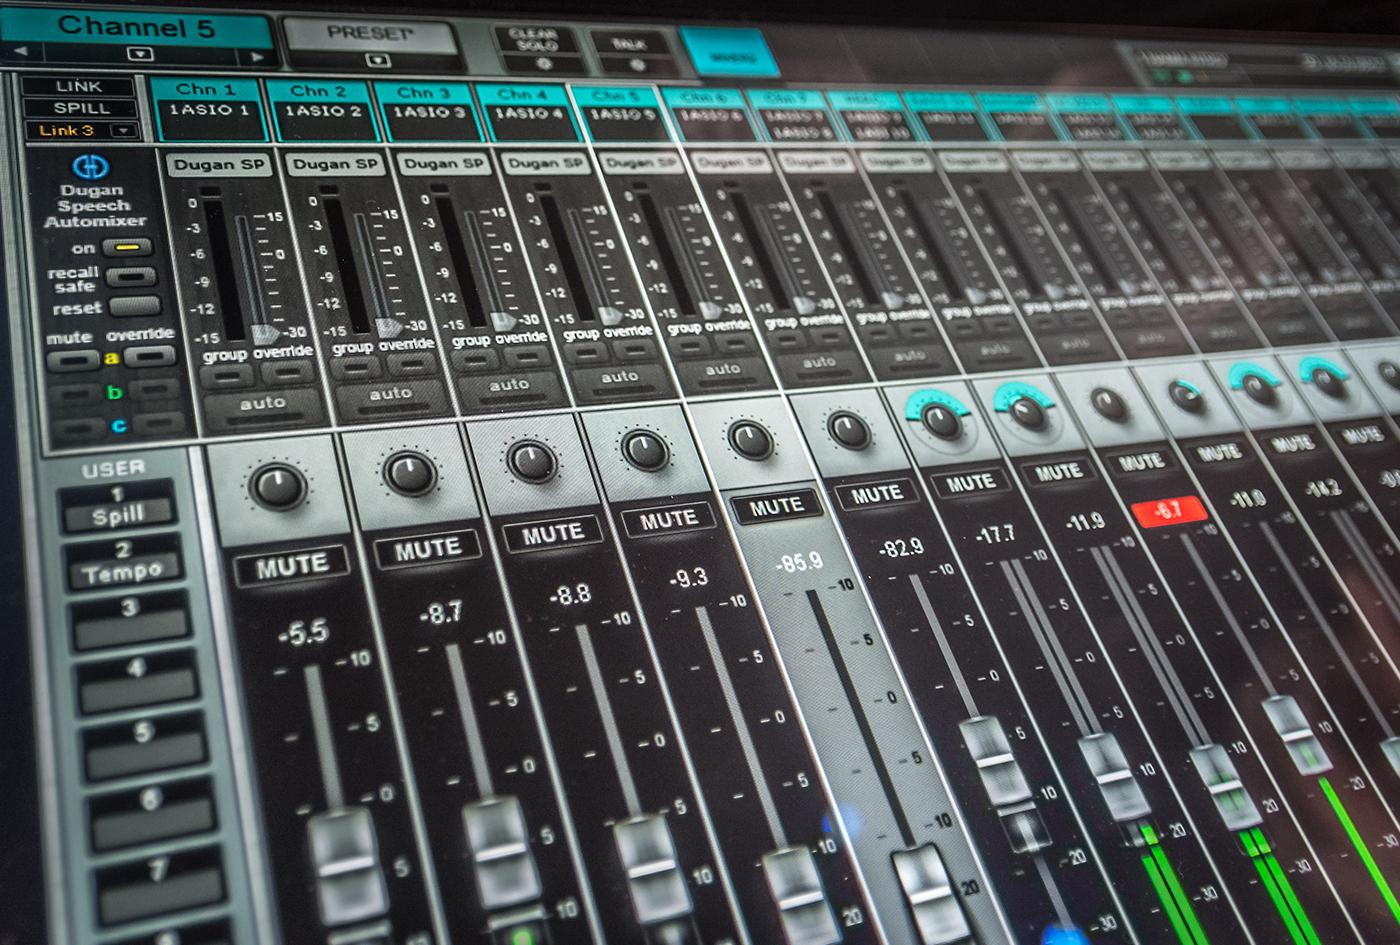 ミックスダウンの最重要項目!音量バランスの基本概念を理解しよう!